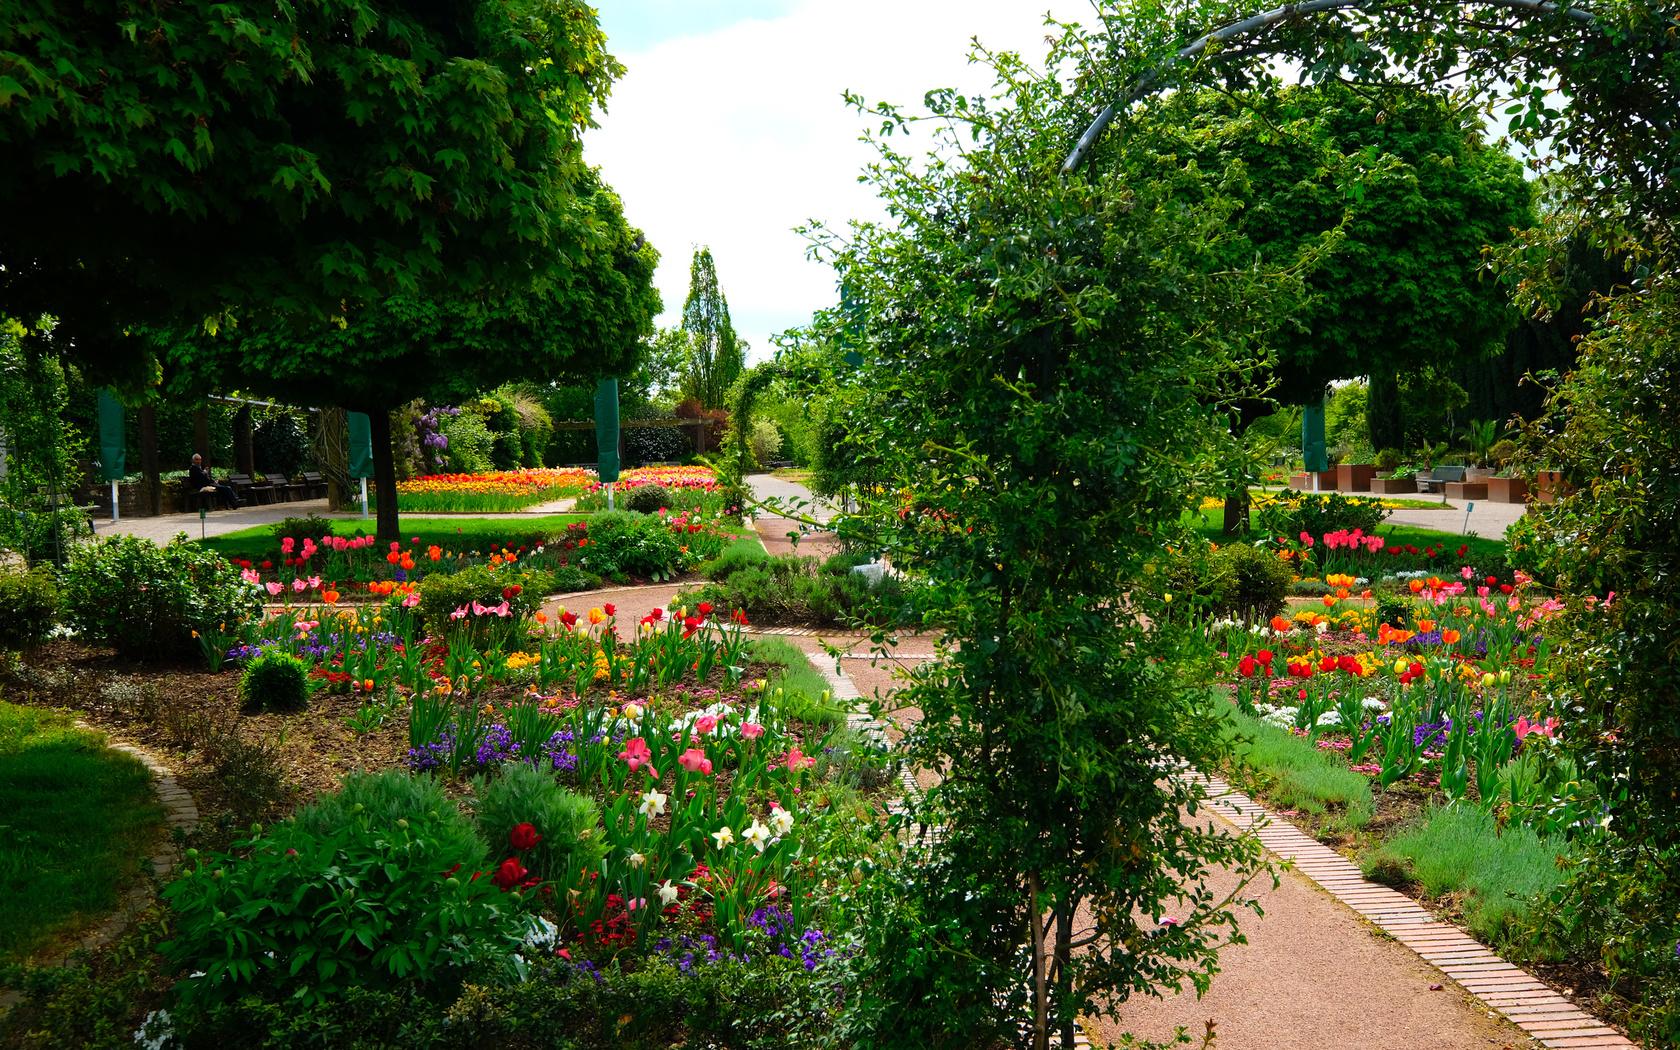 германия, парк, тюльпаны, botanischer garten solingen, кусты, природа